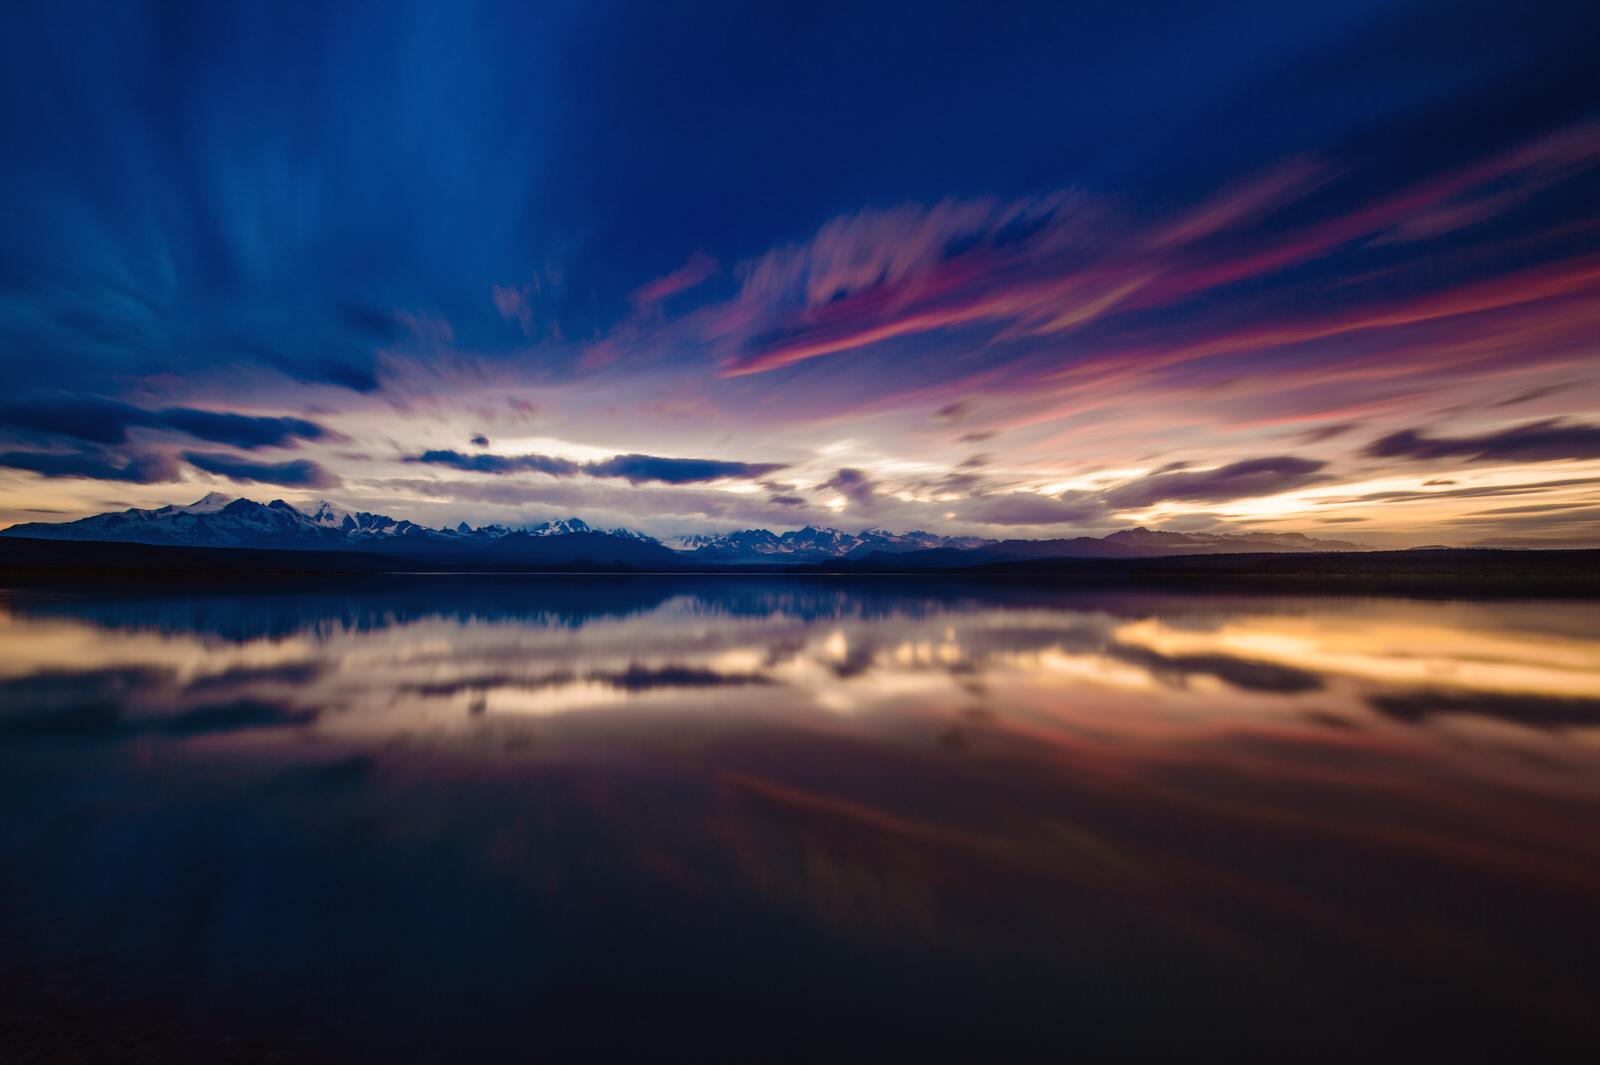 Beluga_lake_alaska_fly_out_fishing_trip (2).jpg